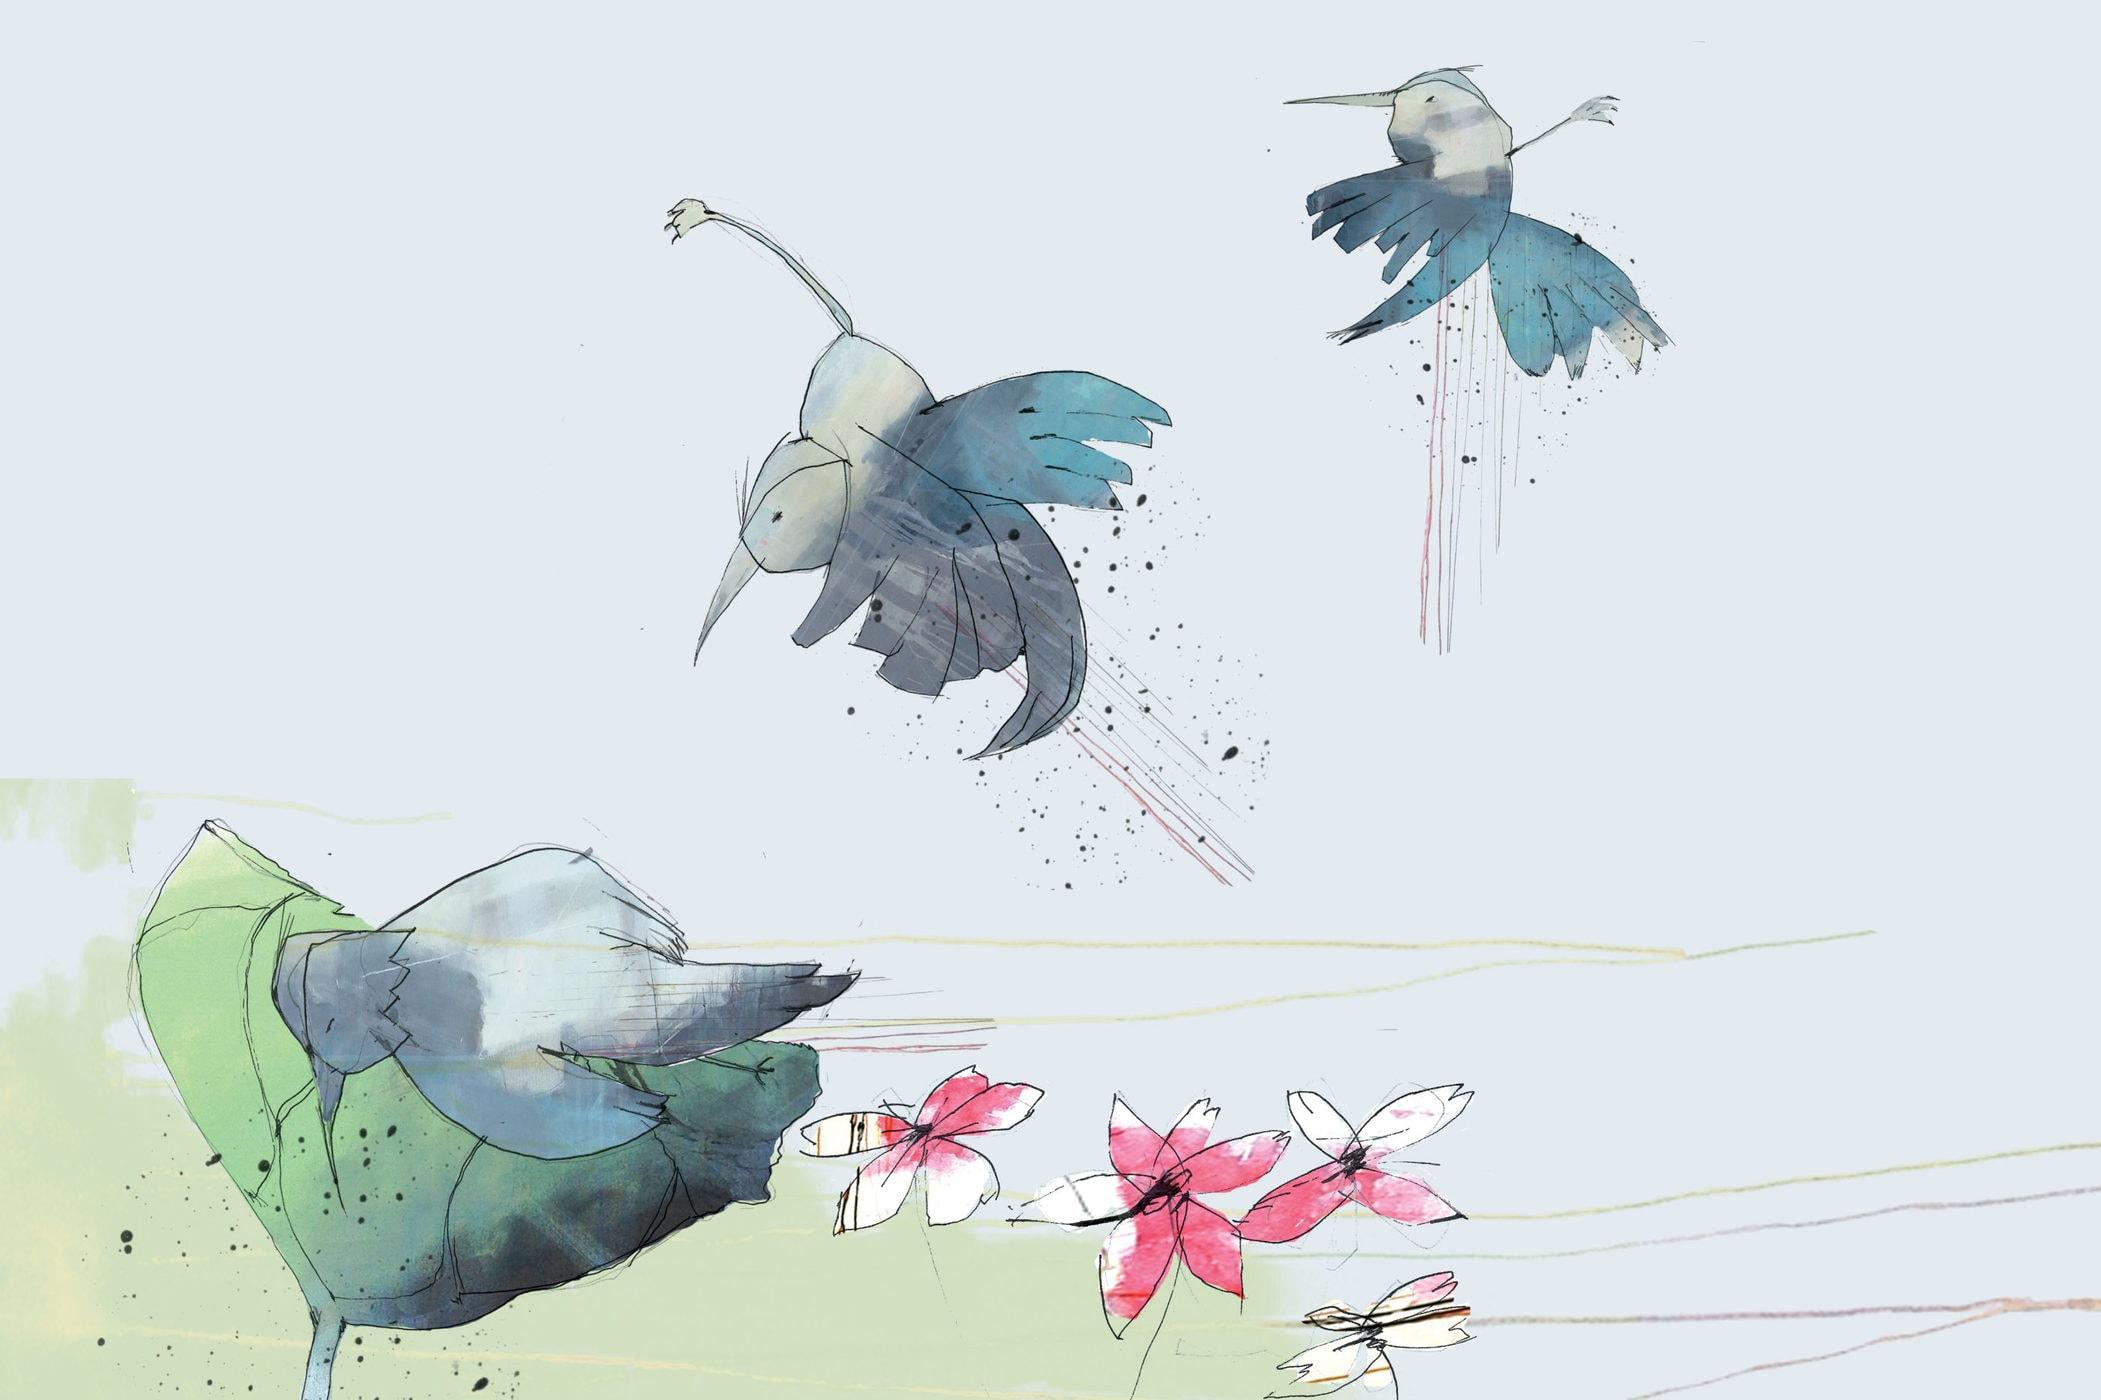 Lille fugl. Tegning af Tanja Eijgendaal til fortælling af Jens Peter Madsen